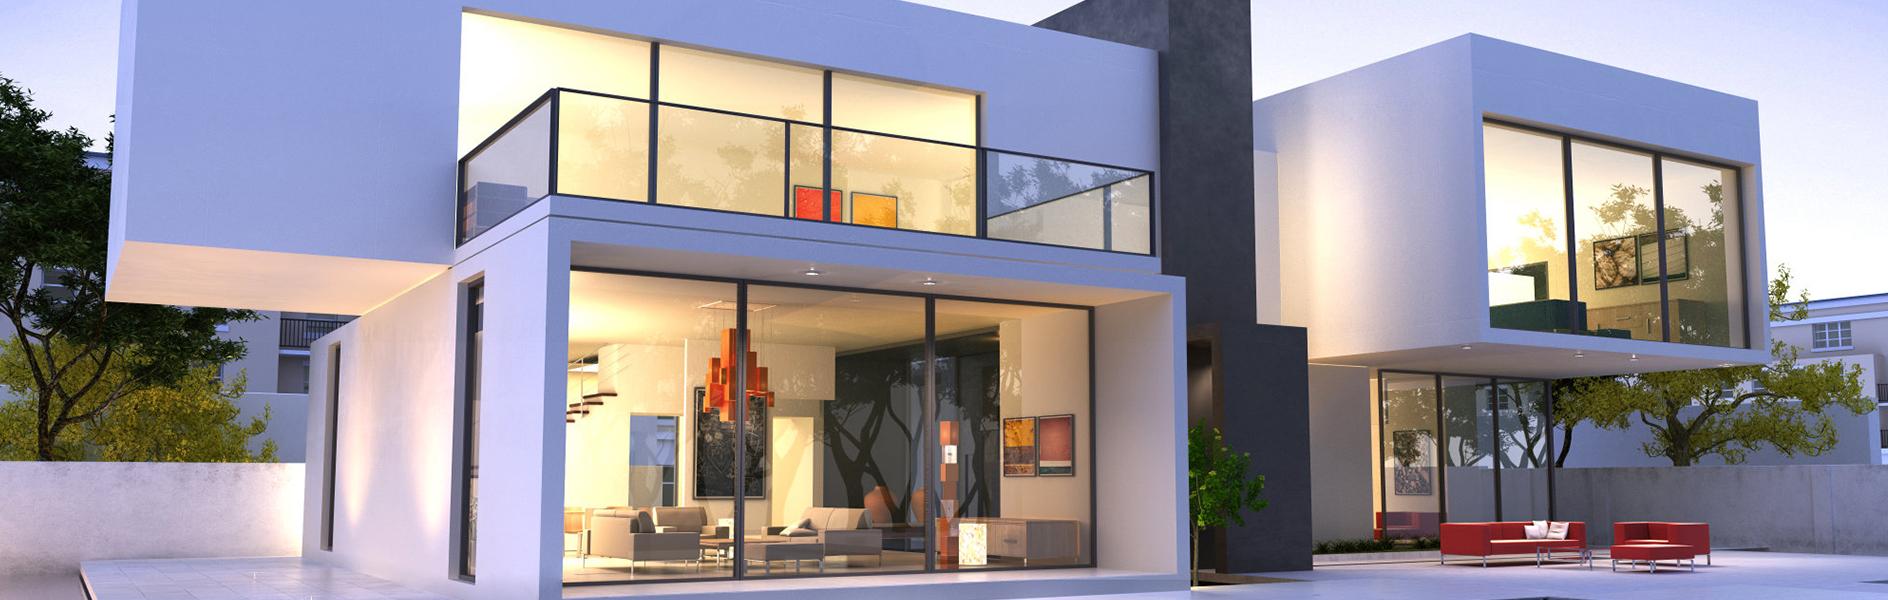 Immobilie Einfamilienhaus Bregenz